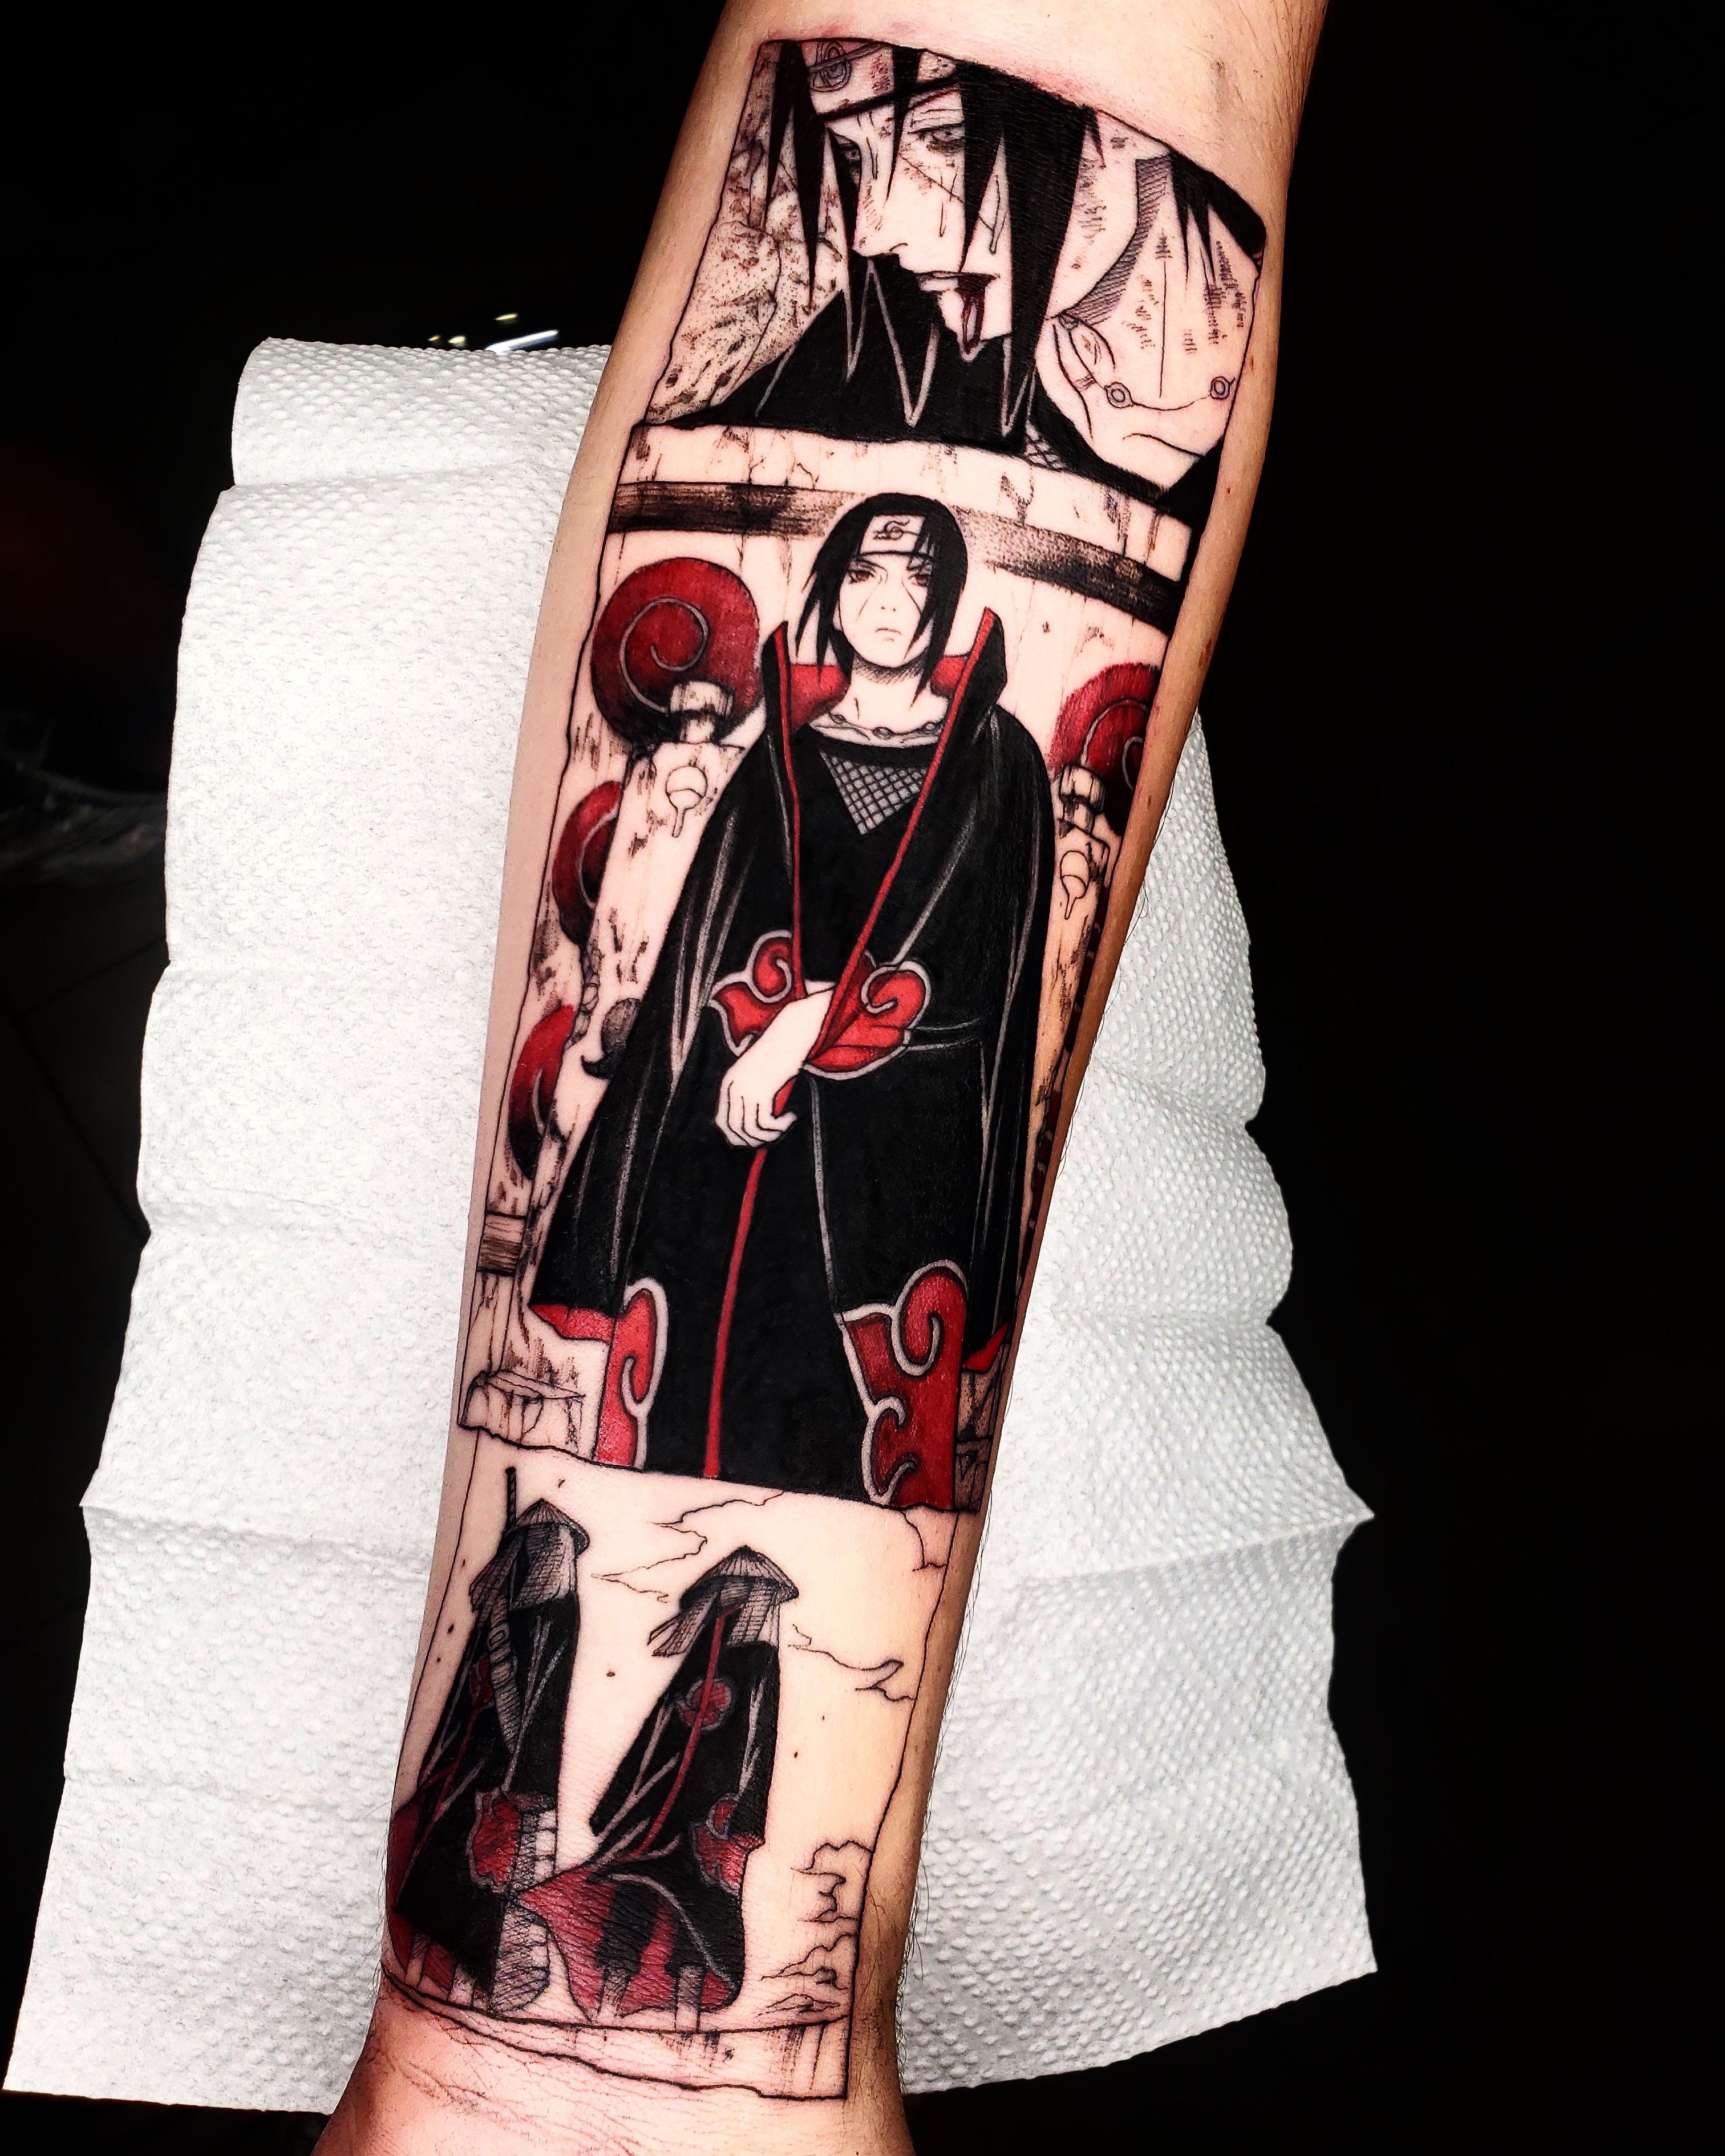 Itachi Uchiha, da franquia Naruto